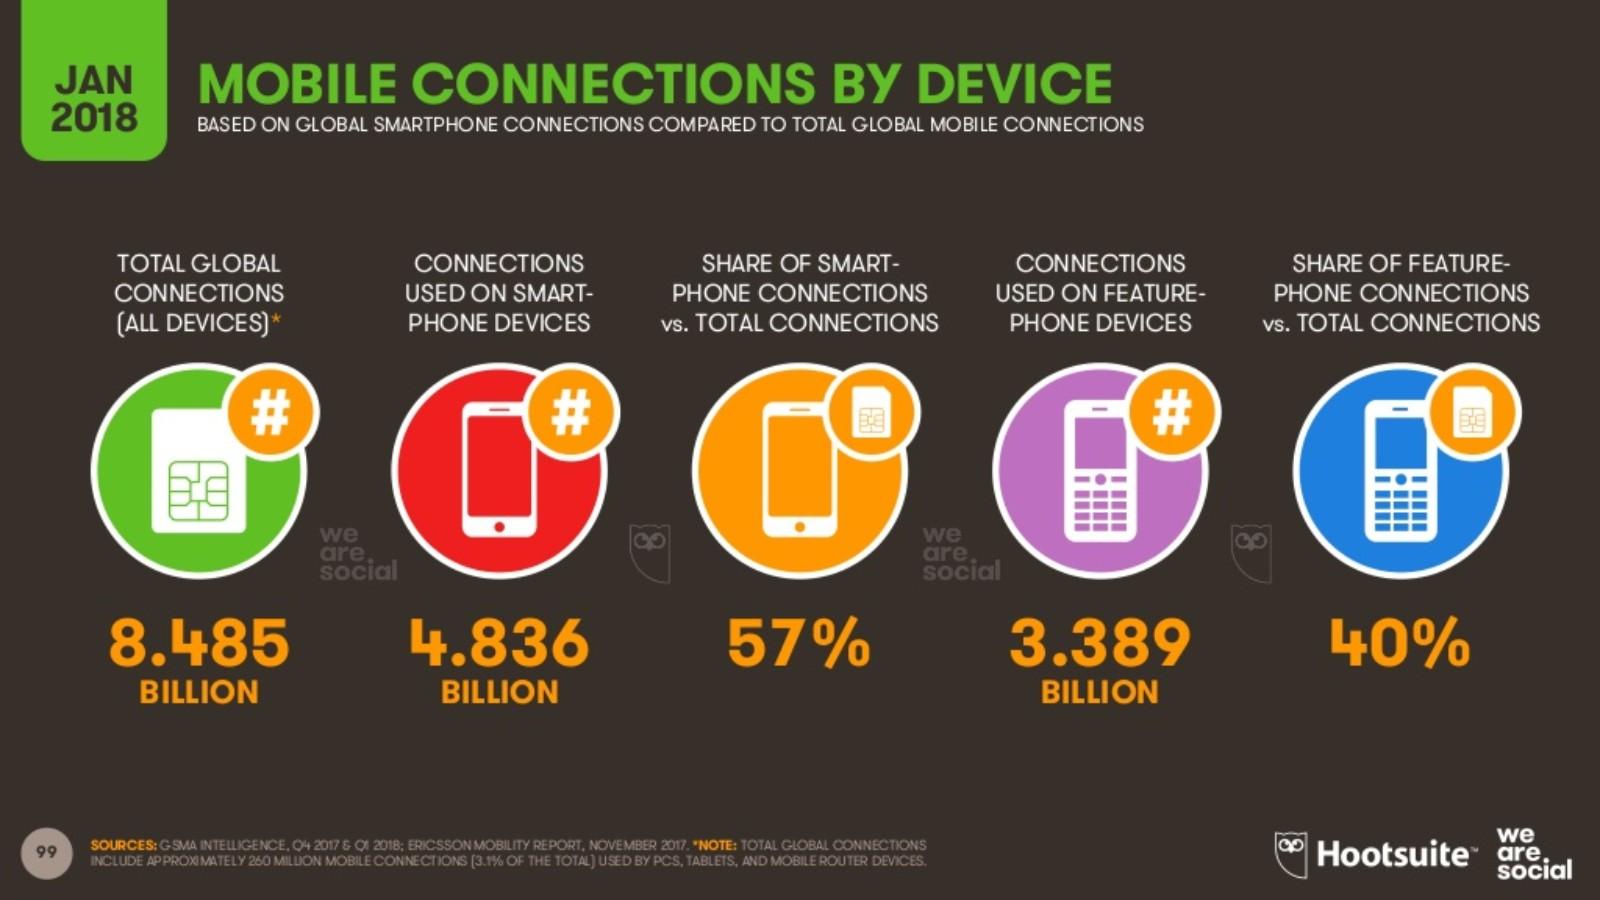 móviles conectados a Internet 1 conexiones